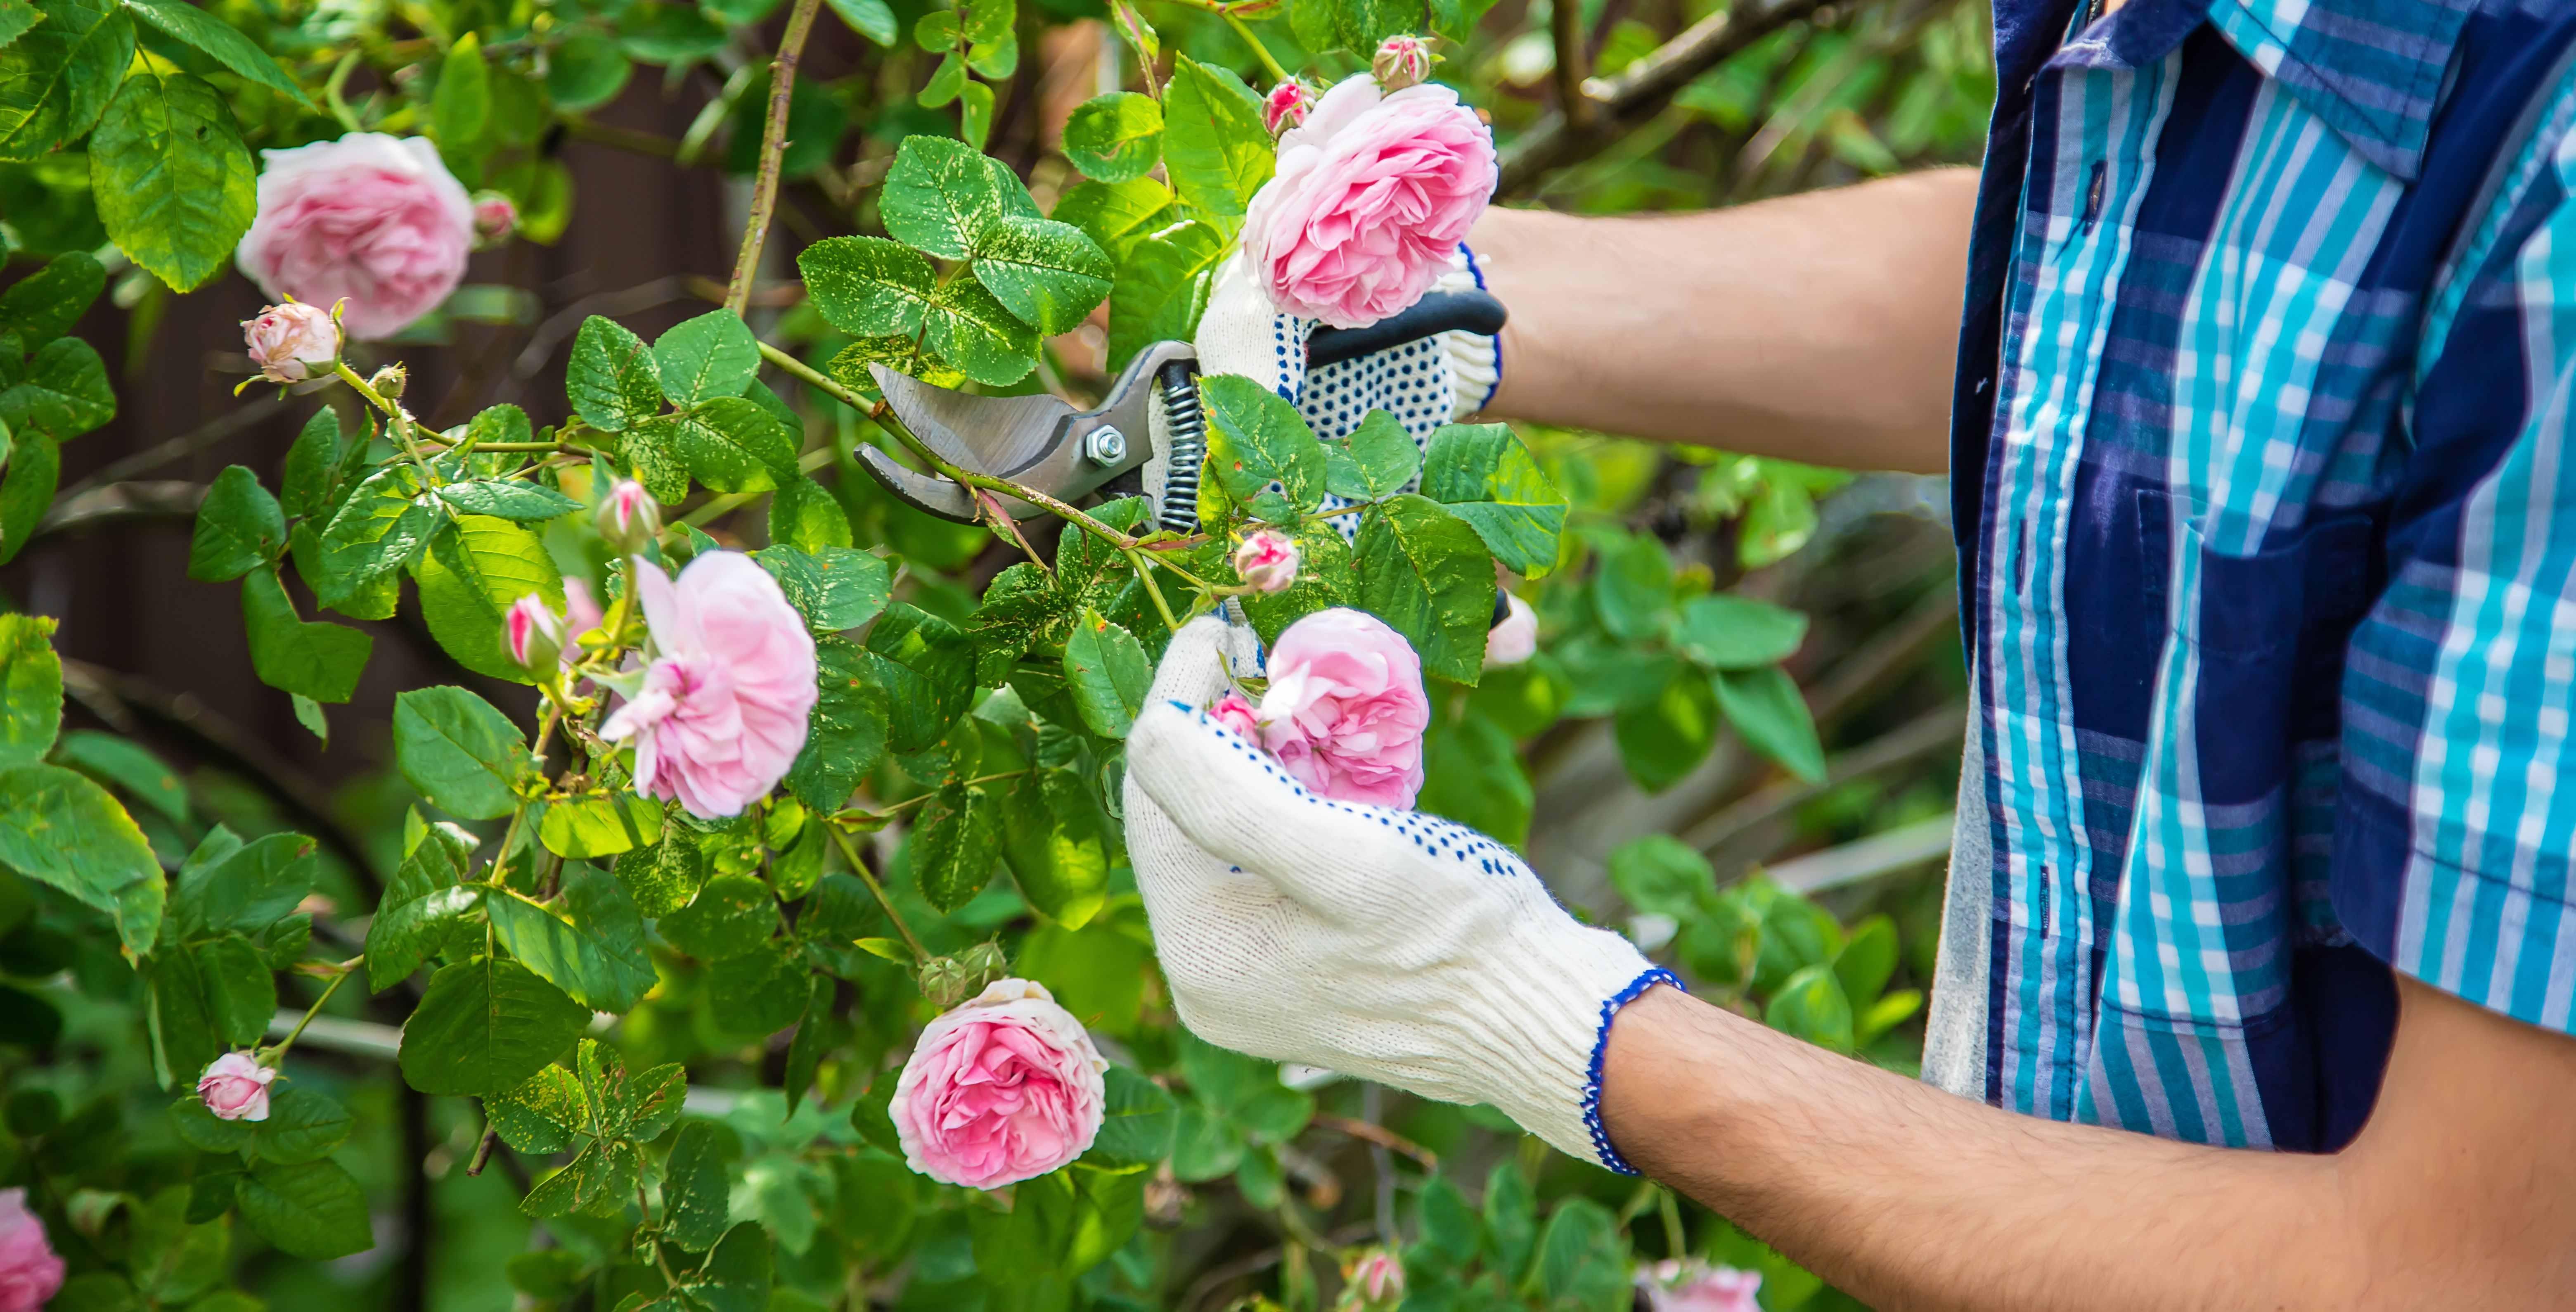 Come scegliere una pianta di rose